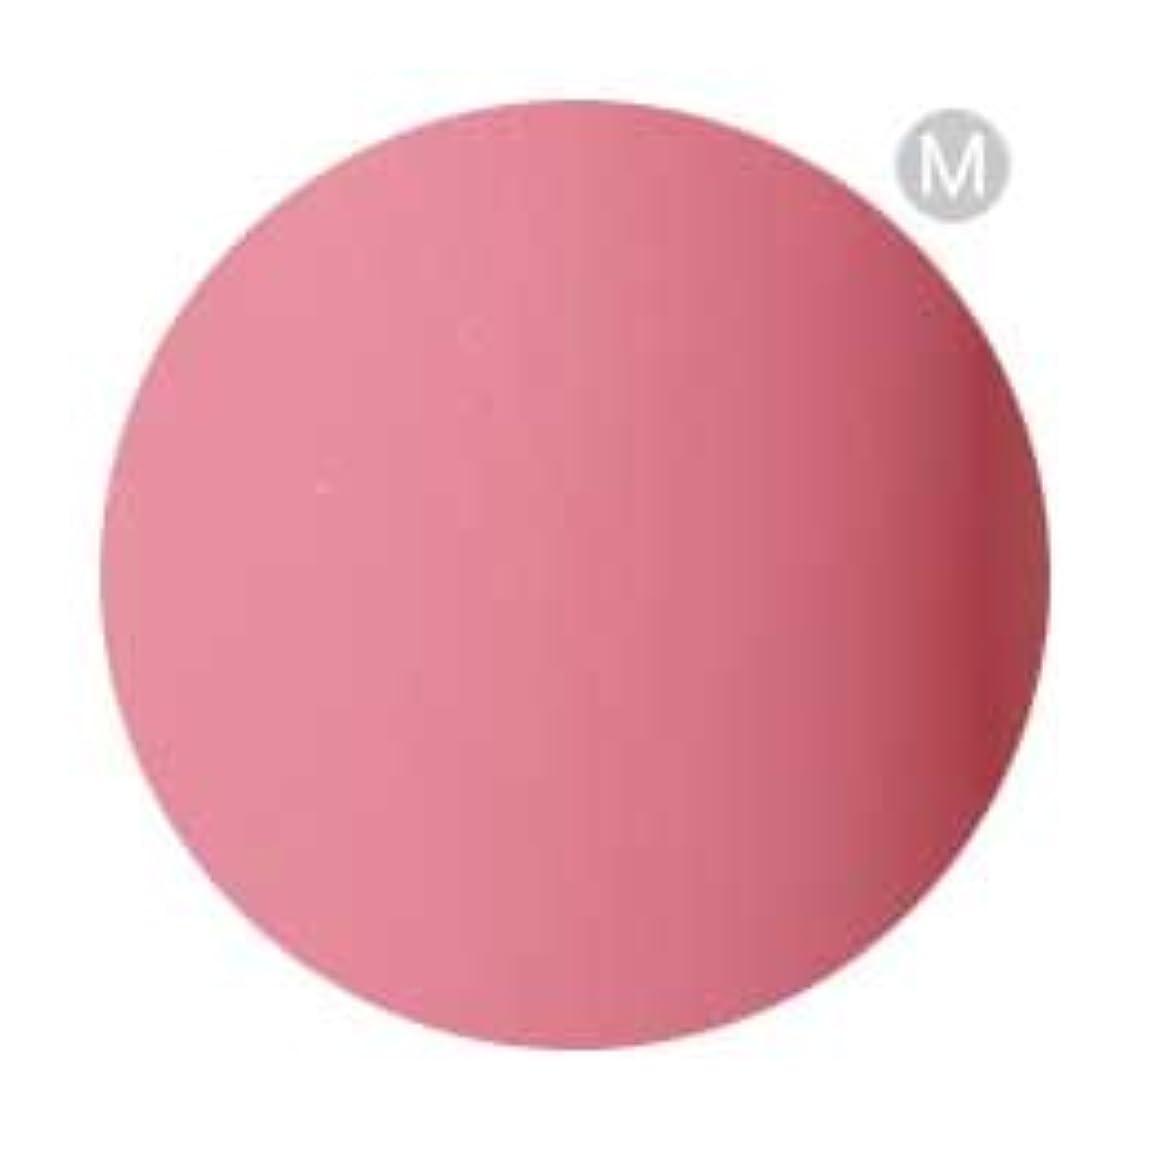 直径ボードグレードPalms Graceful カラージェル 3g 076 コーラルピンク